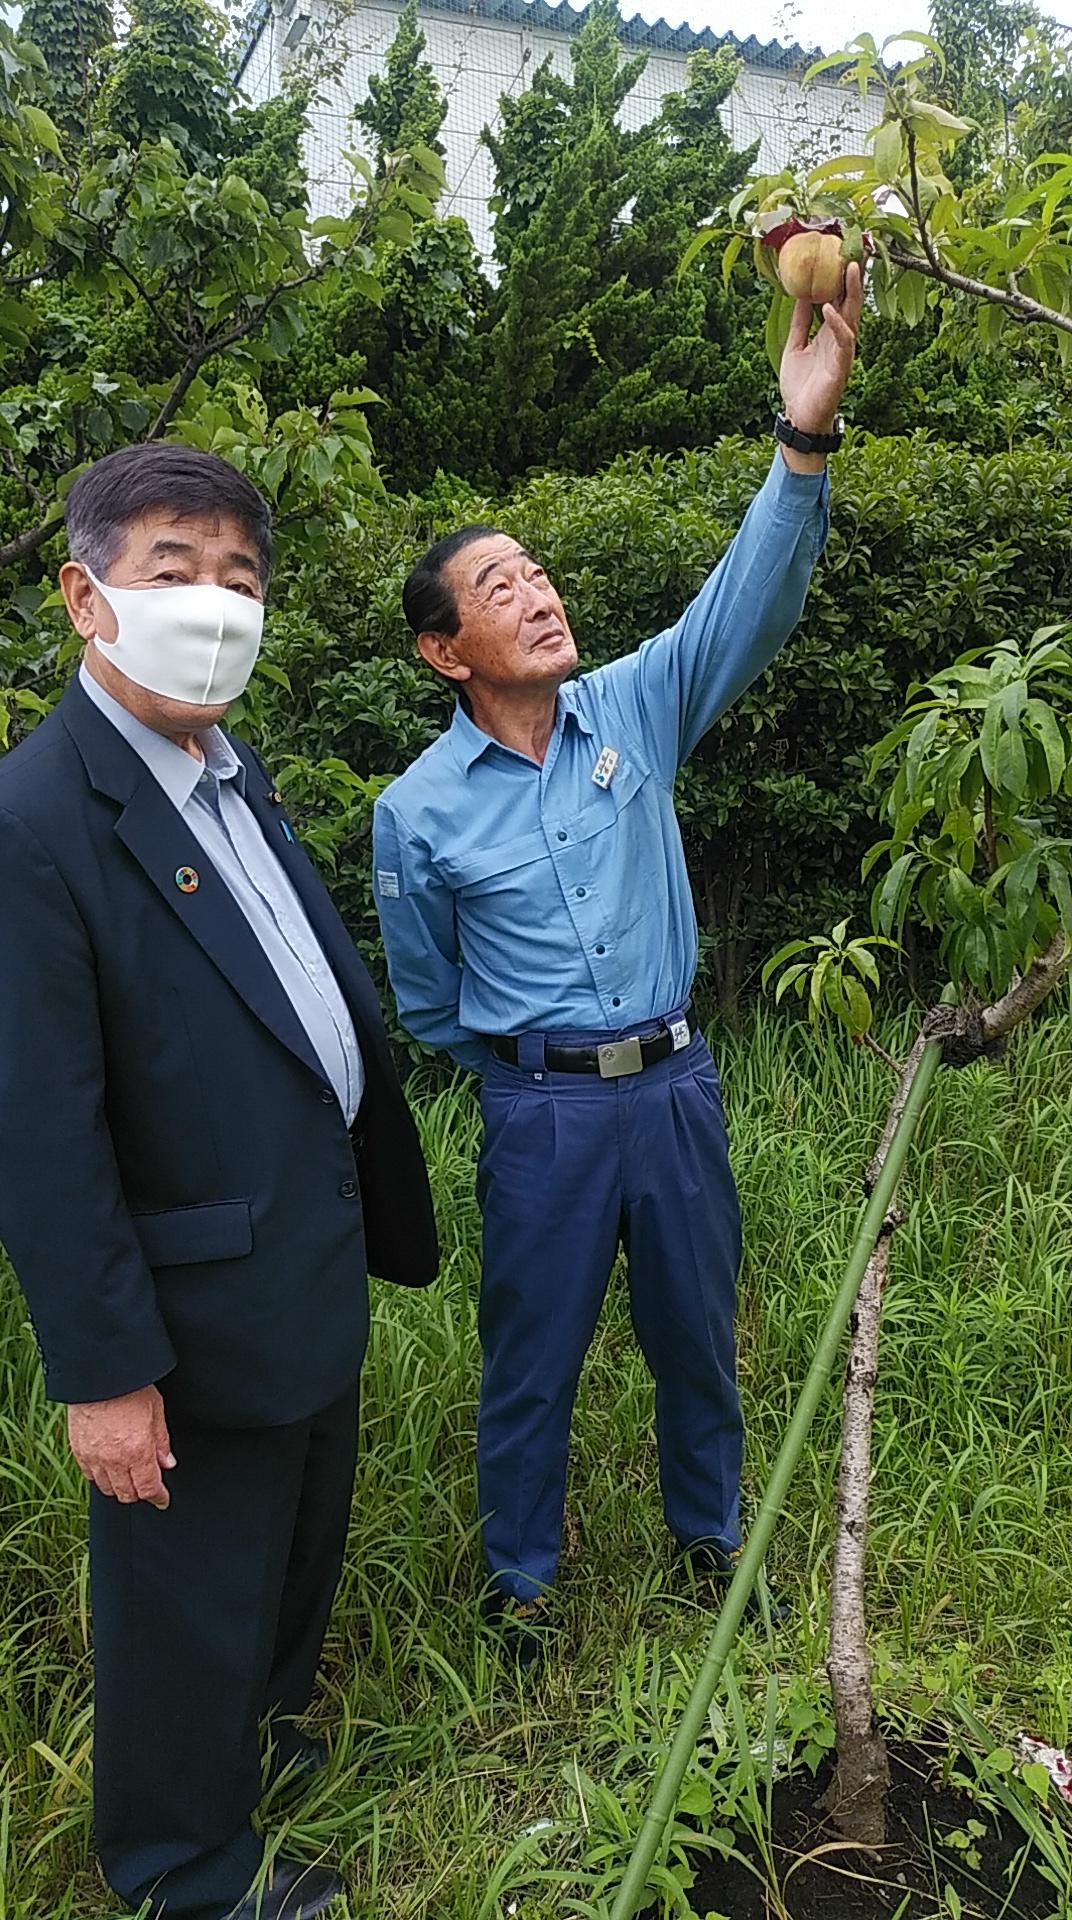 7月10日(金)<昭和電工で伝十郎桃の収穫を祝う>